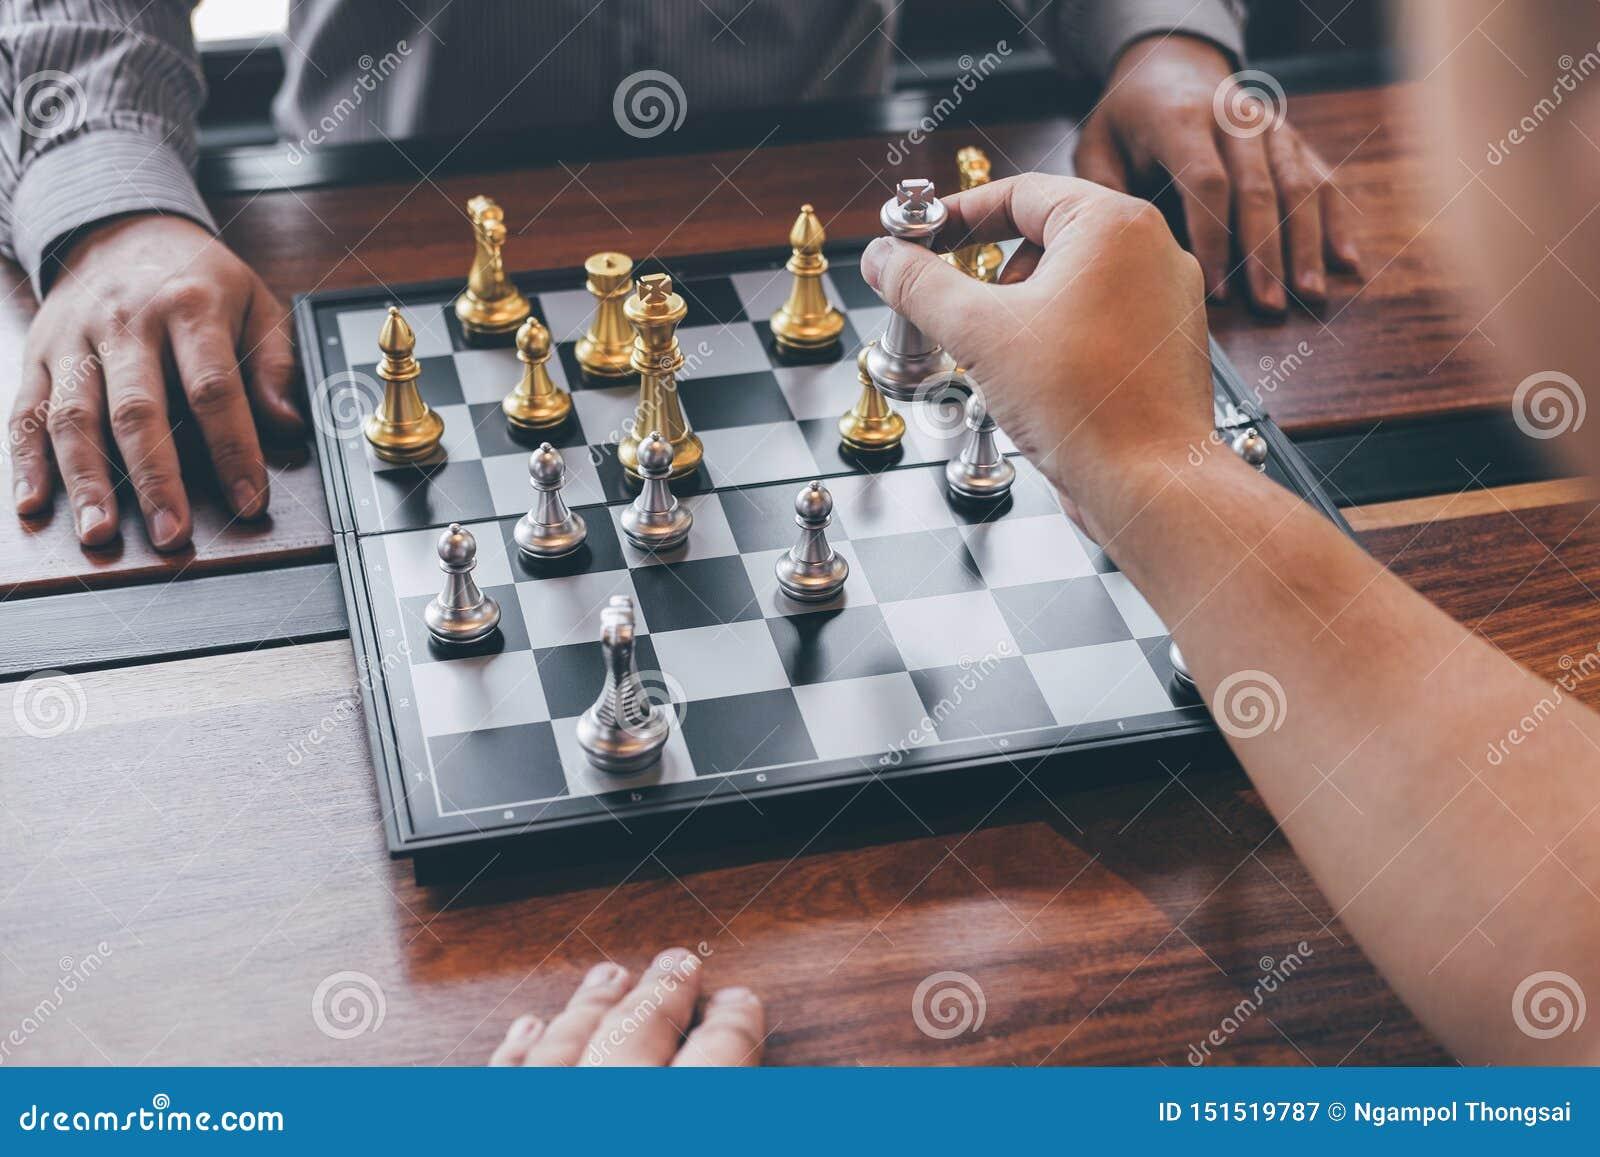 演奏与相反队的聪明的商人下棋比赛竞争,计划的事务战略对胜利的发展